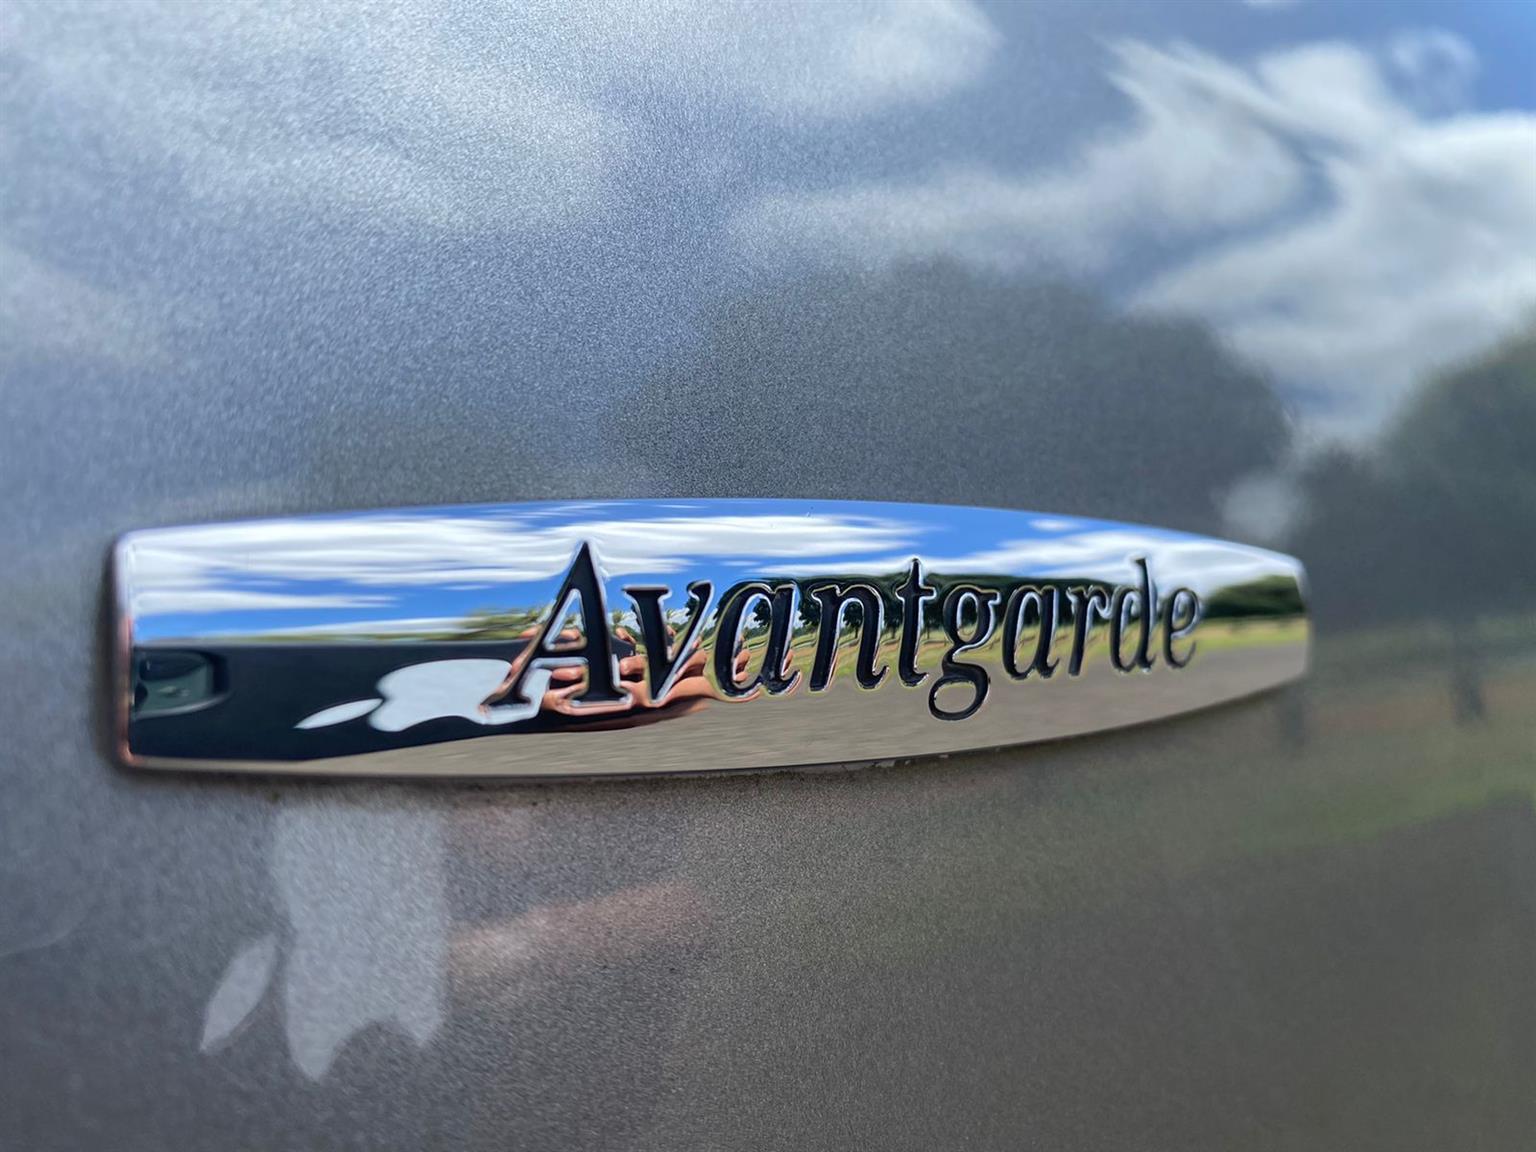 2010 Mercedes-Benz C200 Kompressor Avantgarde